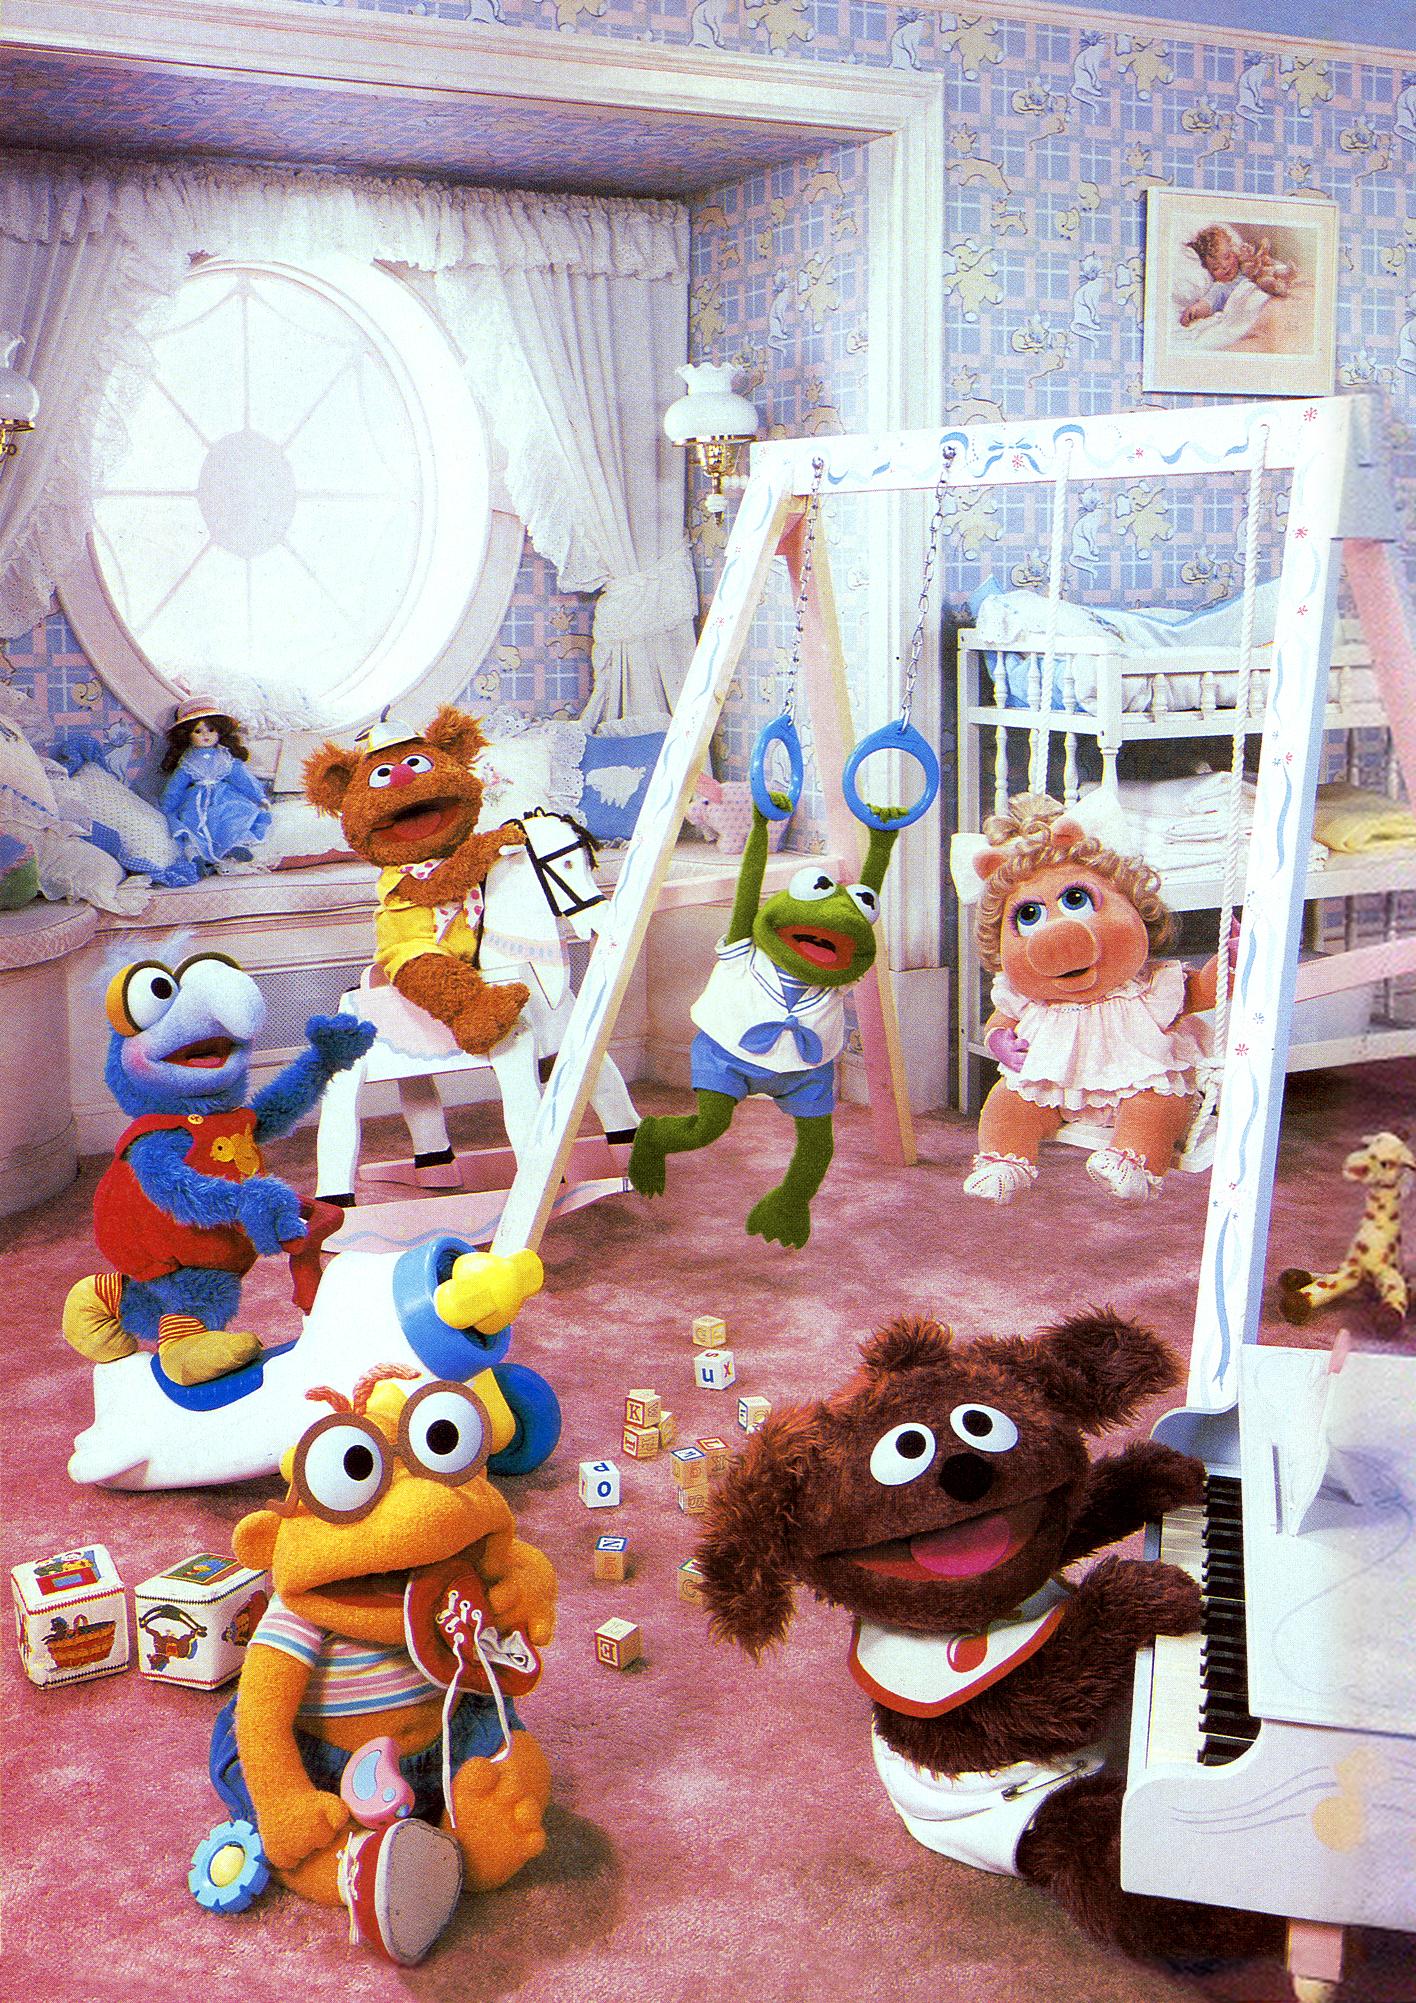 muppet babies puppets muppet wiki